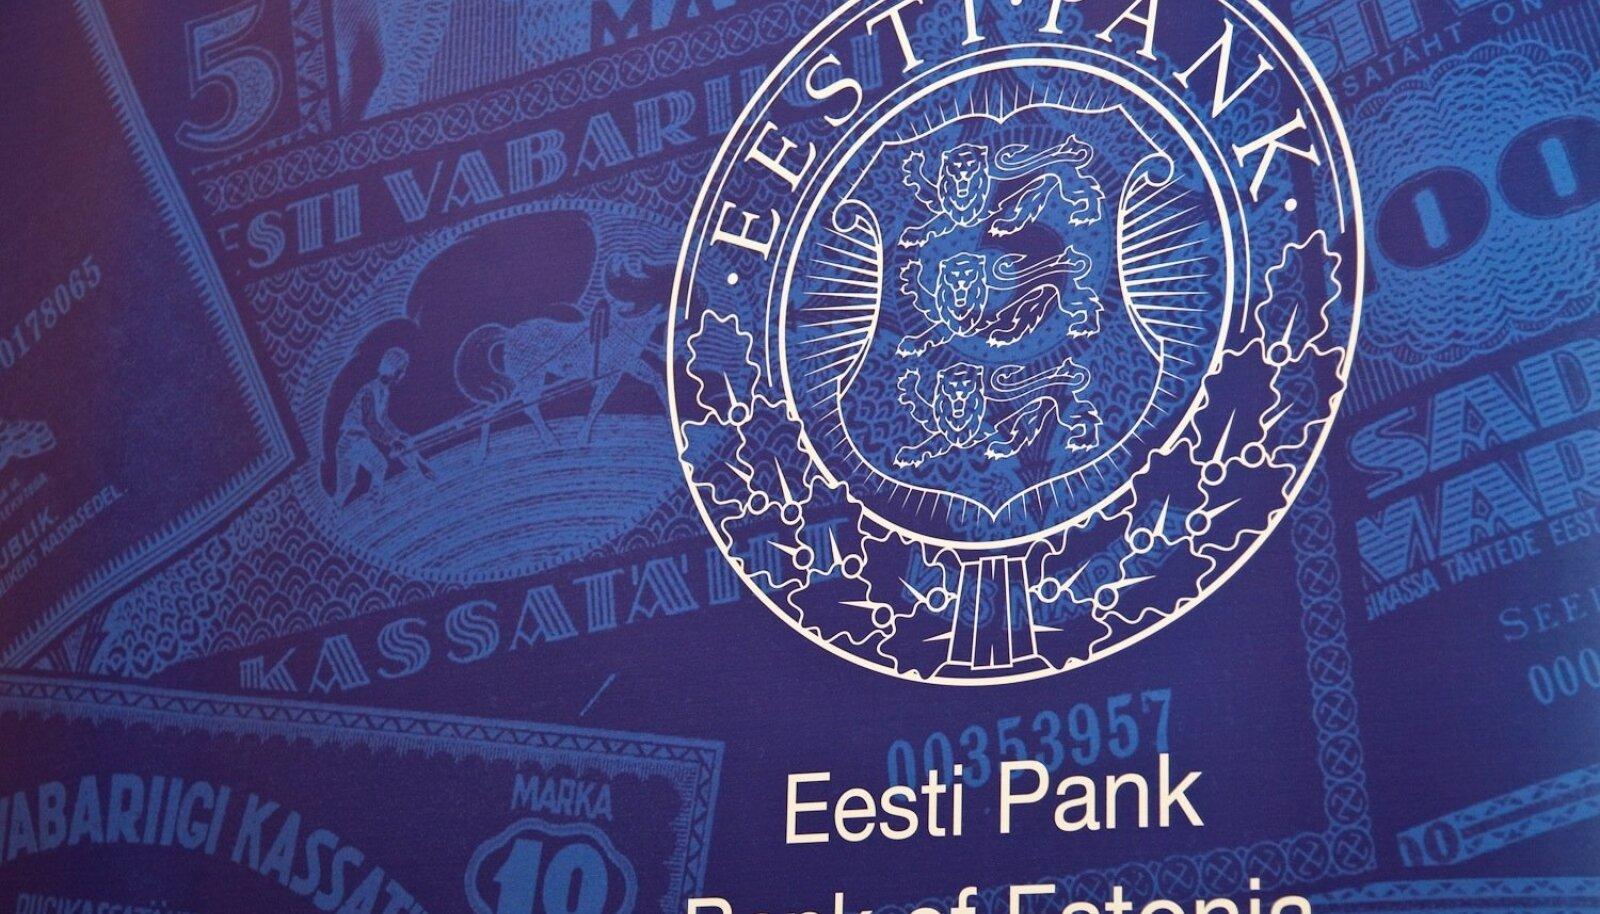 Eesti Pank